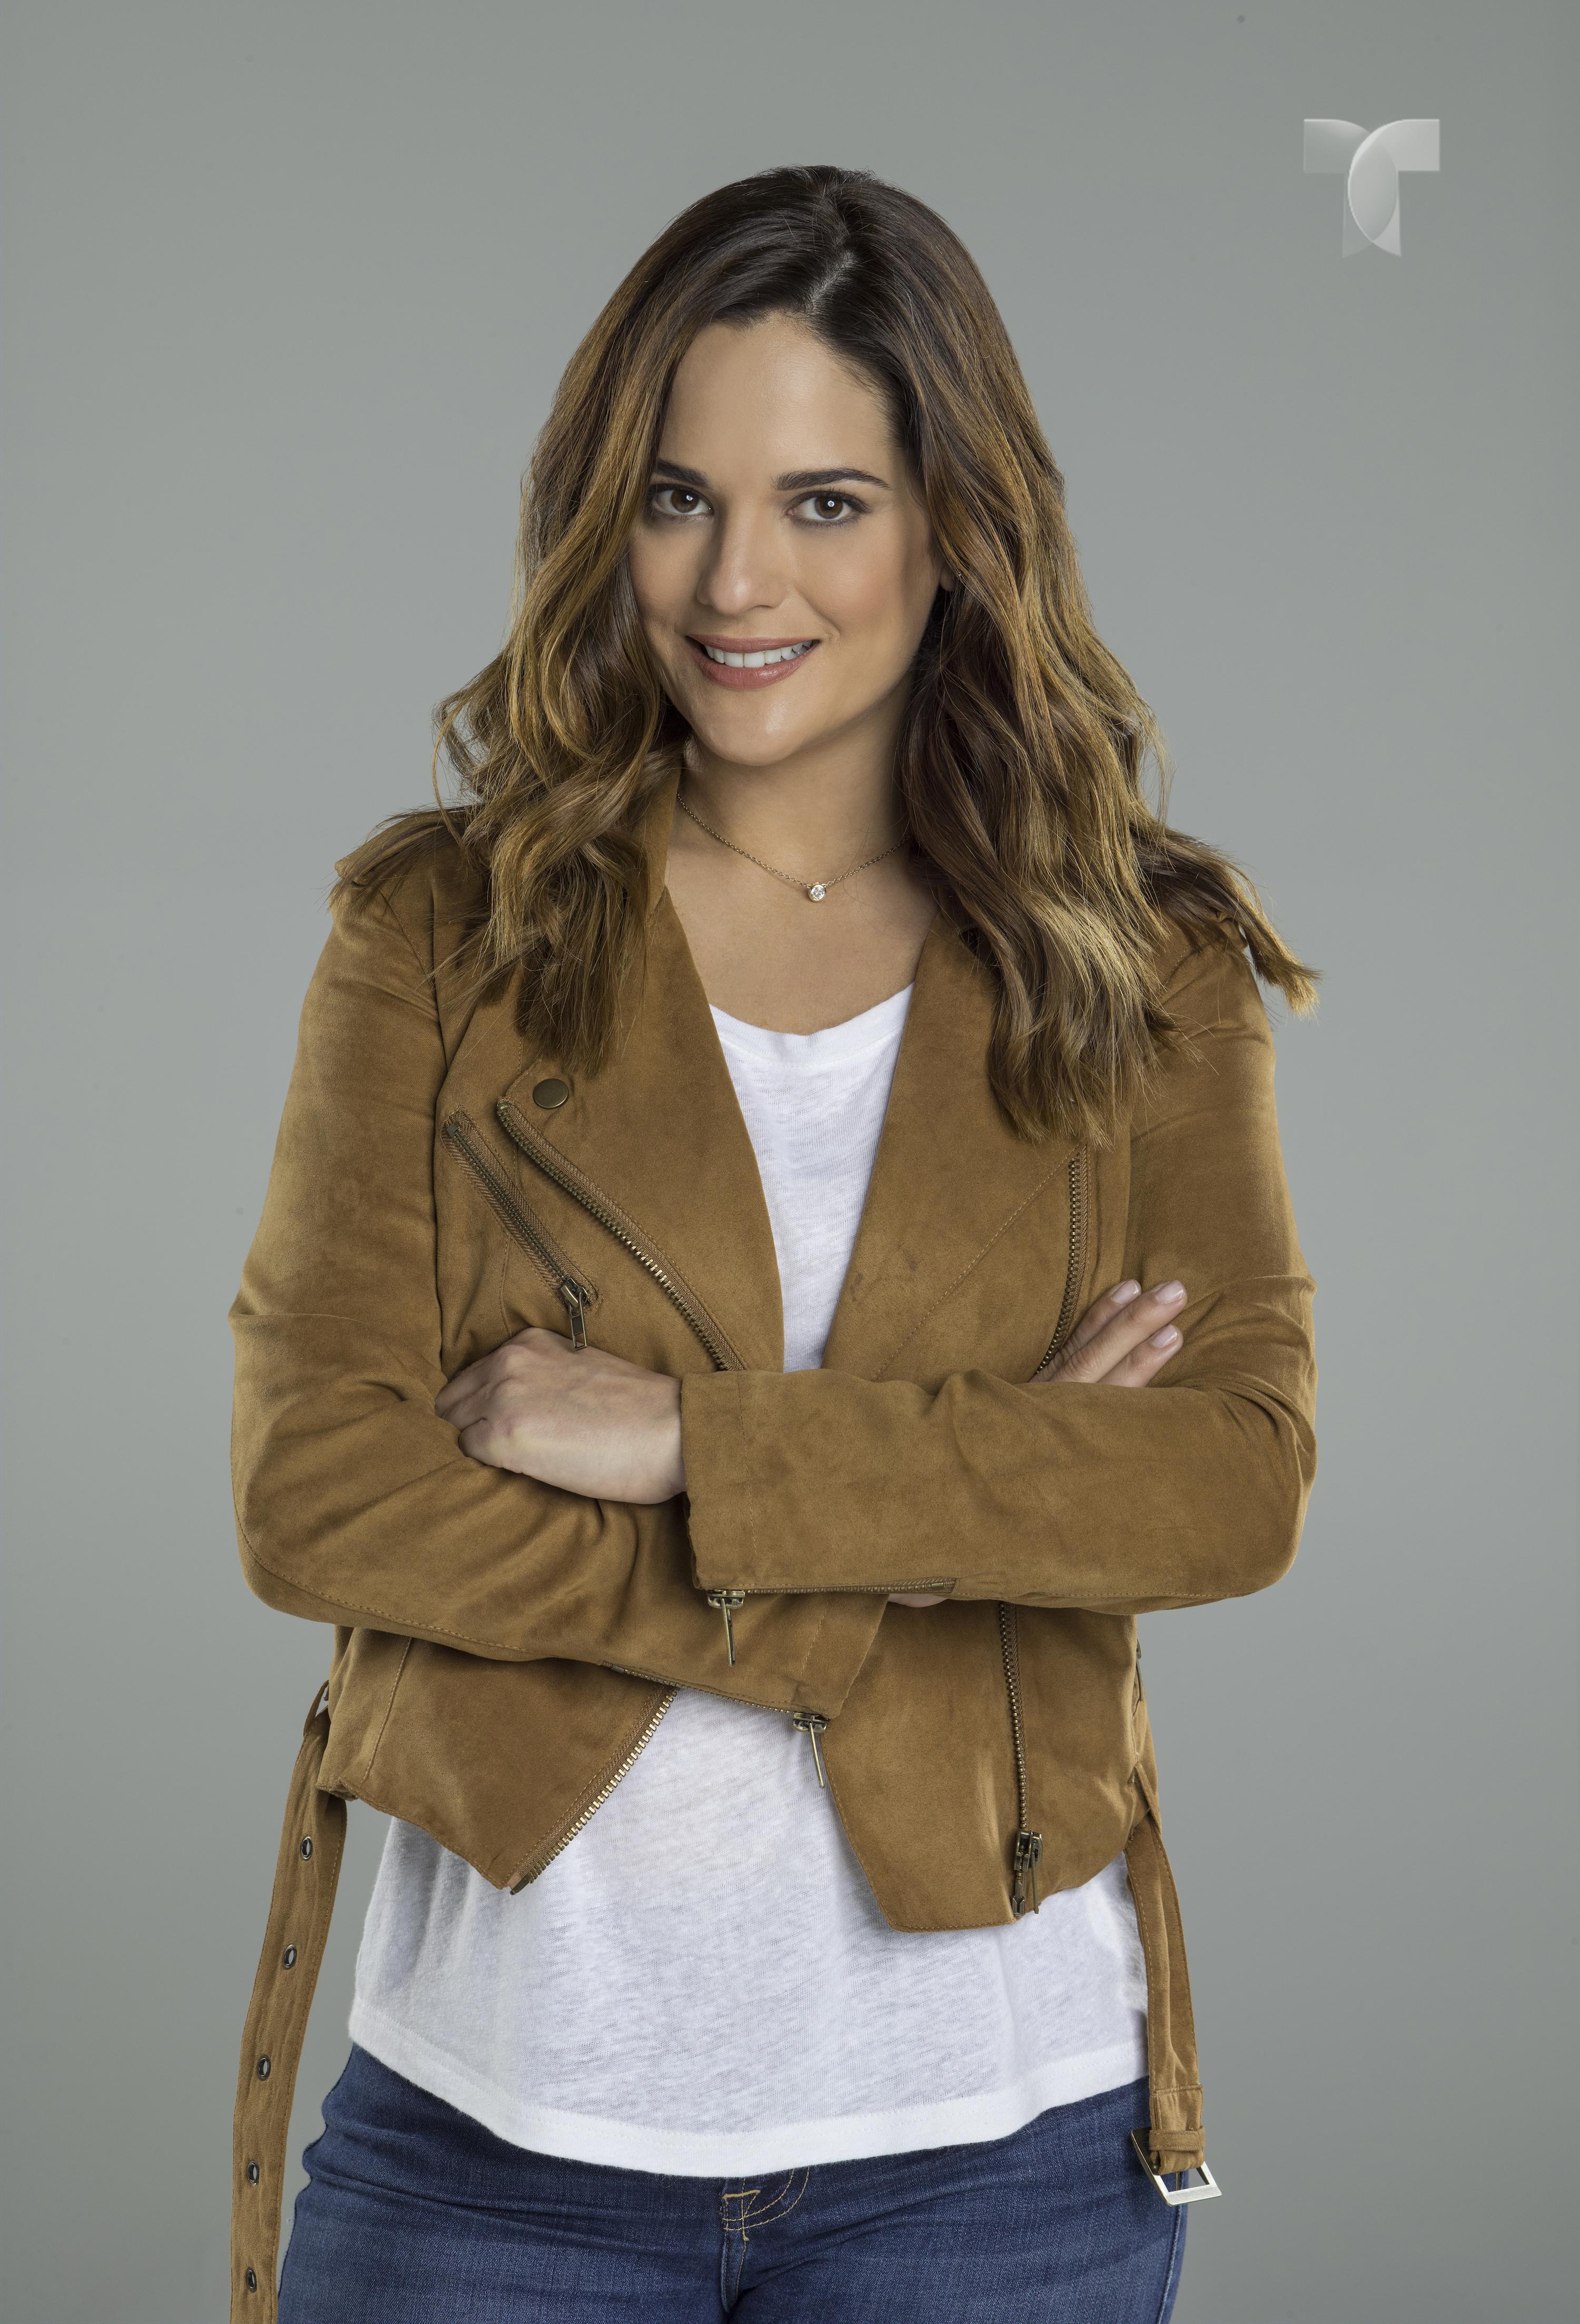 Sabrina Seara como Erika Ramirez_002 copy